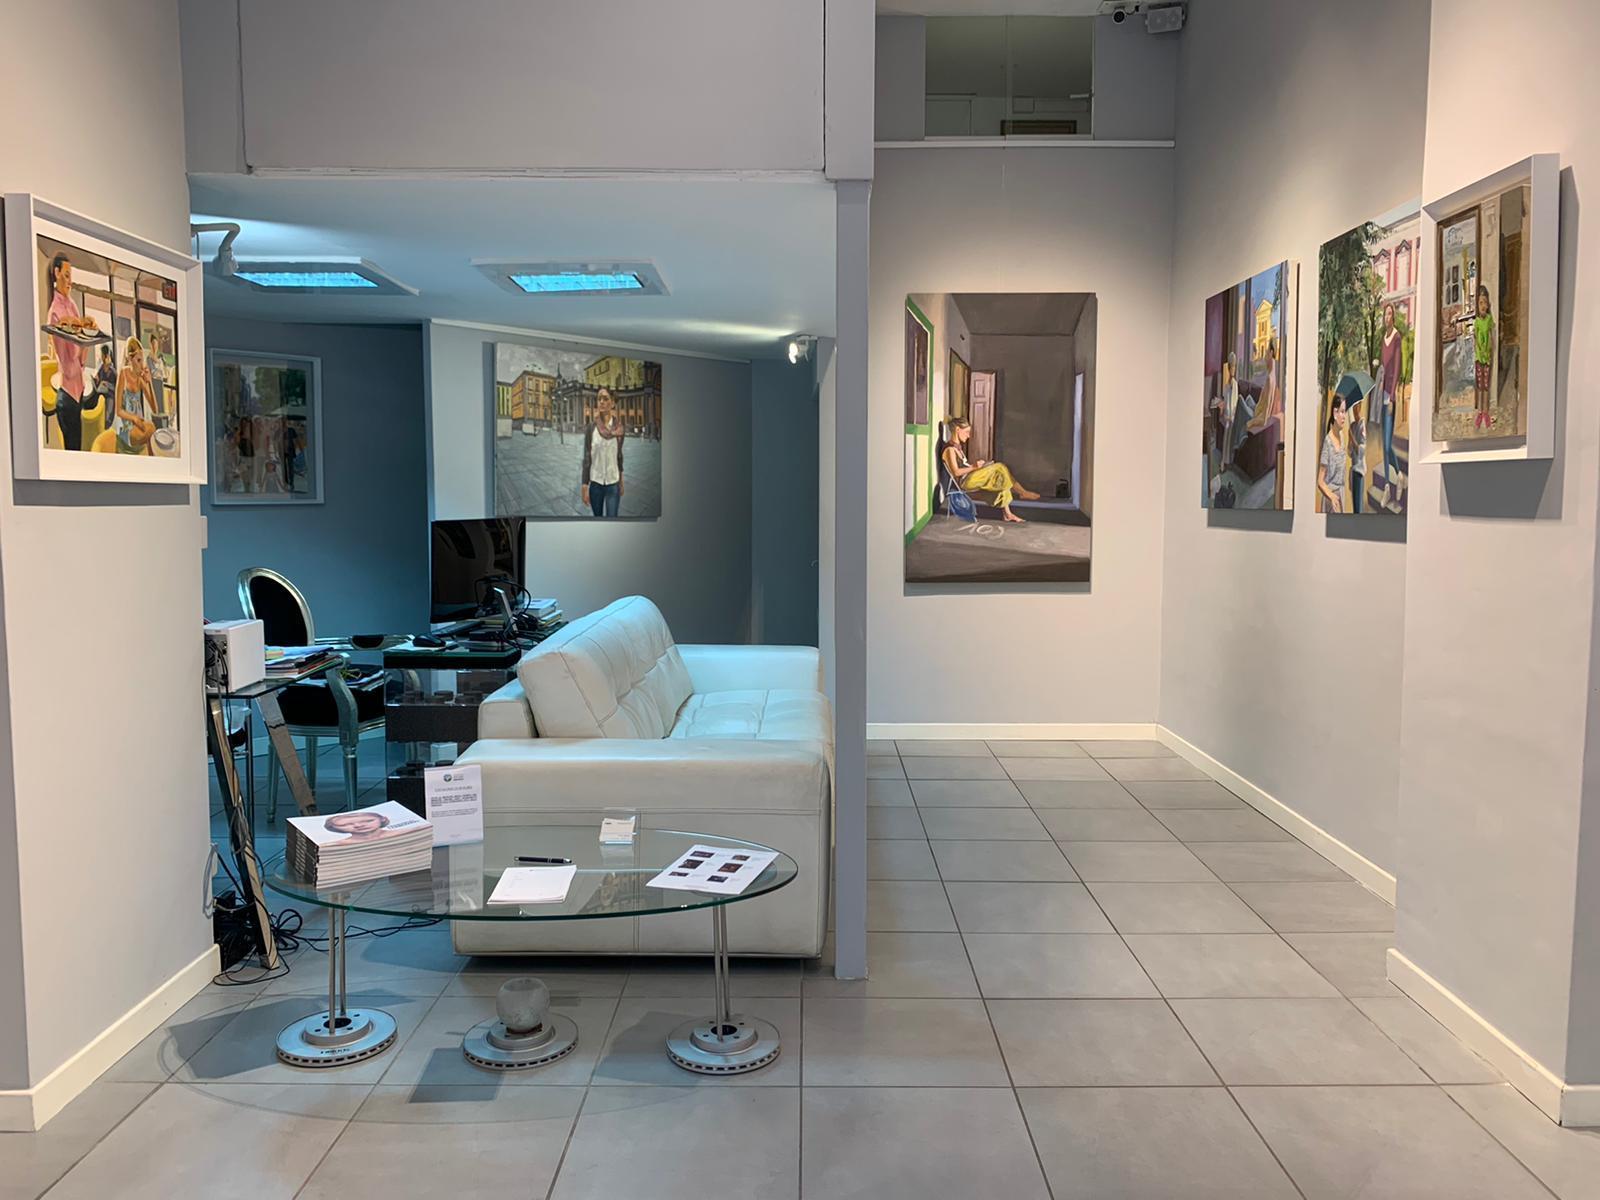 Trasversale: appuntamento a Napoli con il futuro dell'arte presso la Galleria Andrea Ingenito   sotto il matronato del Museo MADRE (Fondazione Donnaregina per le arti contemporanee 2020)